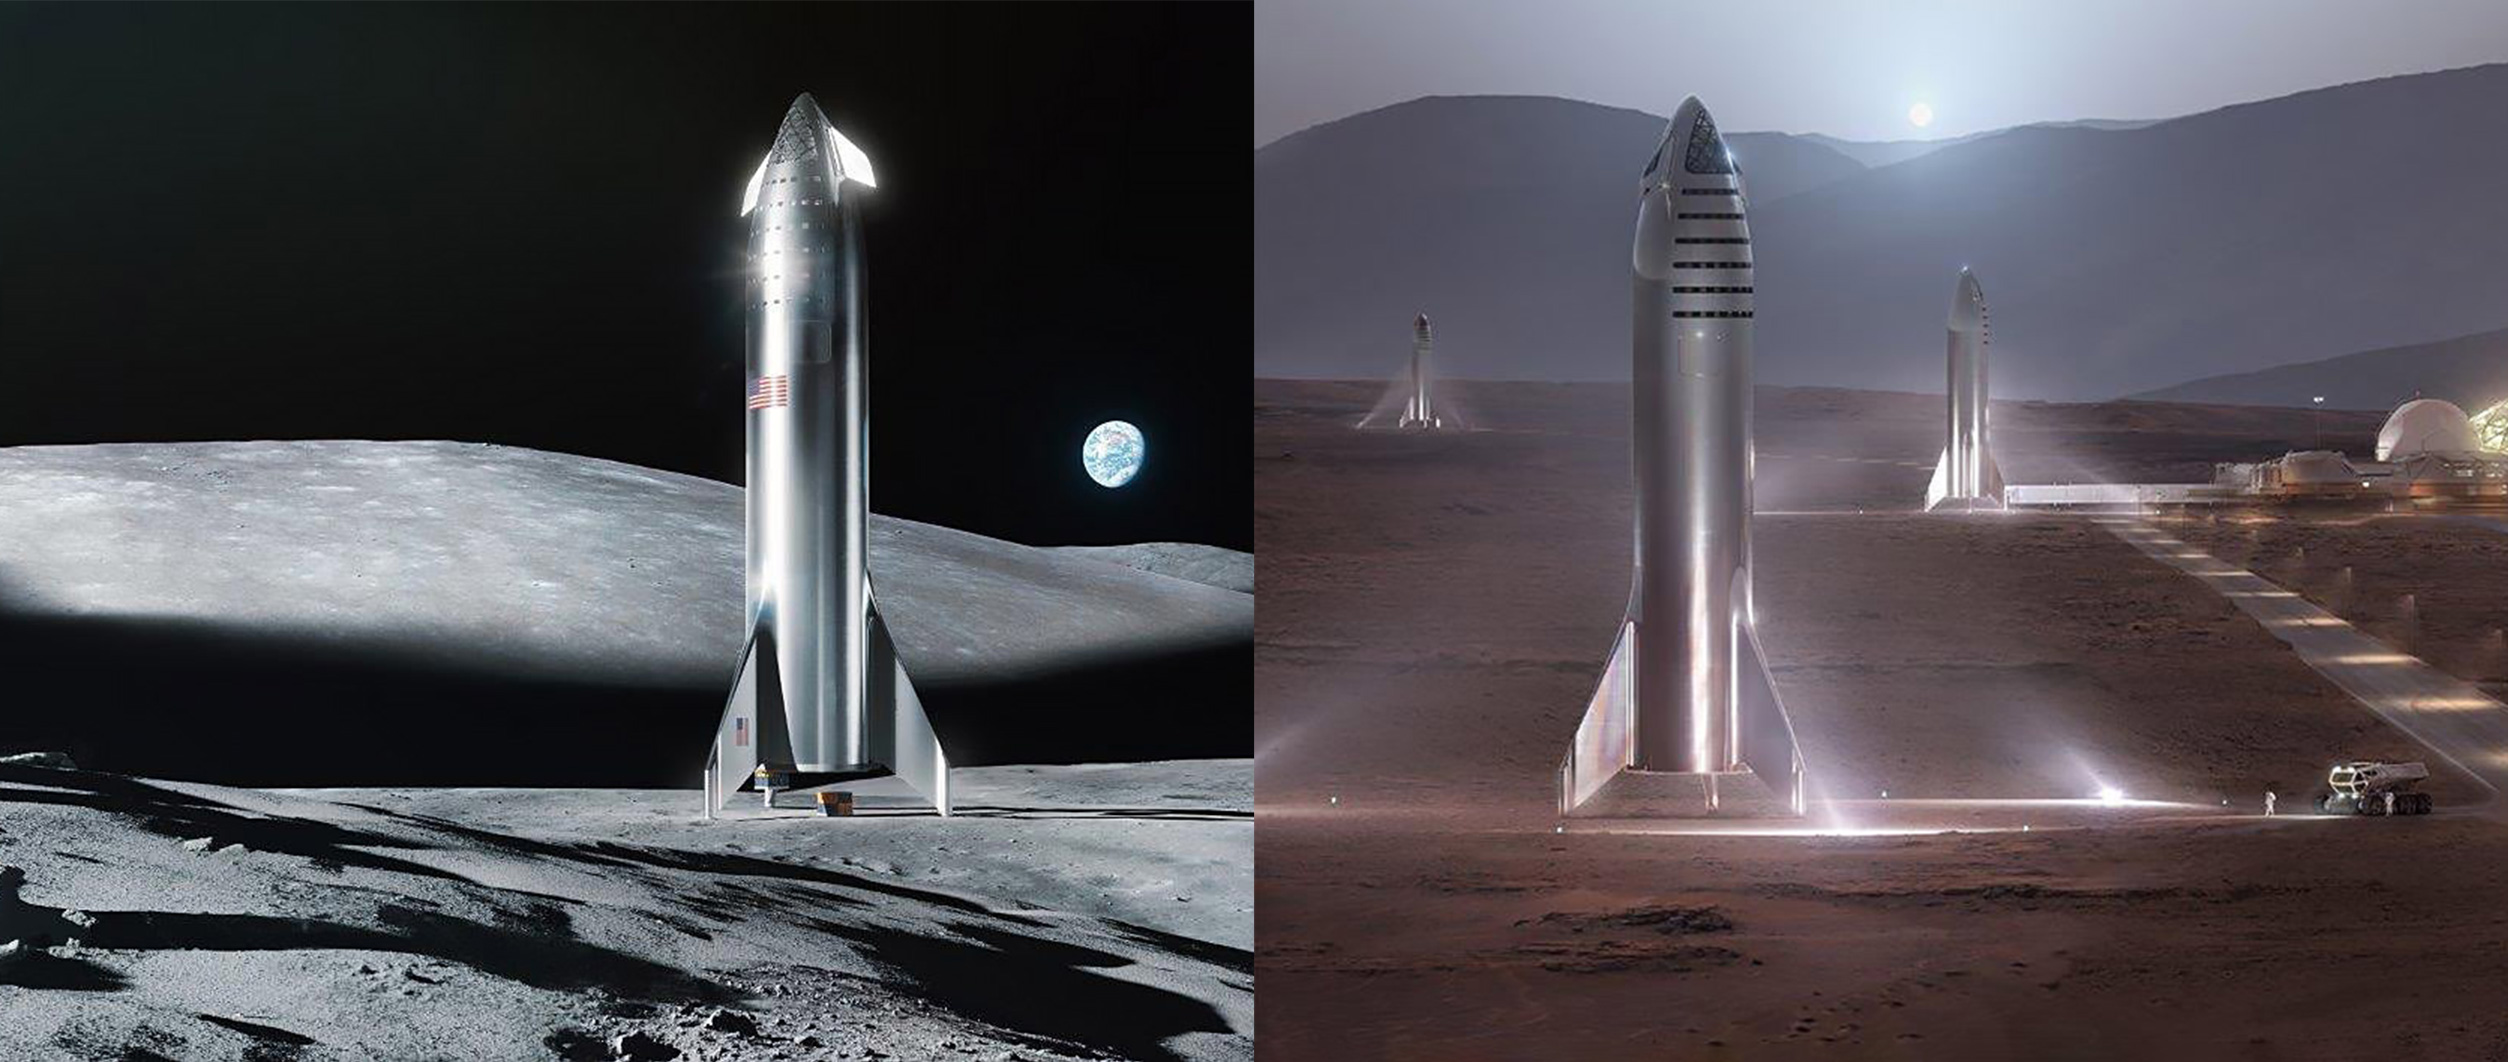 Steel Starship Moon and Mars renders (SpaceX) 1